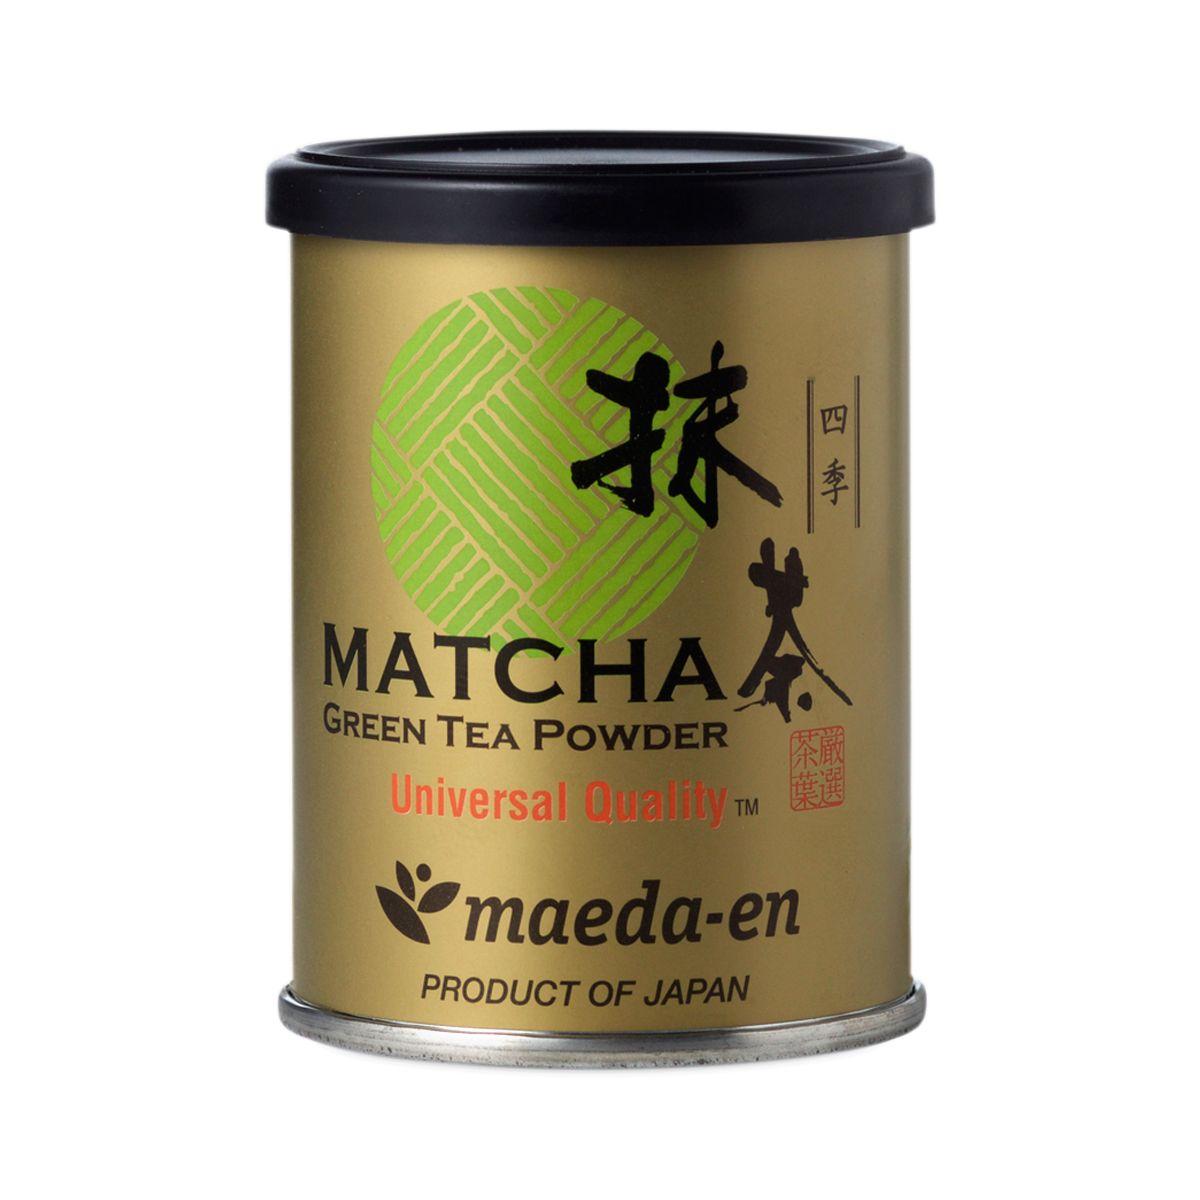 Shop Maeda-en Shiki Matcha Green Tea Powder at wholesale price only at ThriveMarket.com